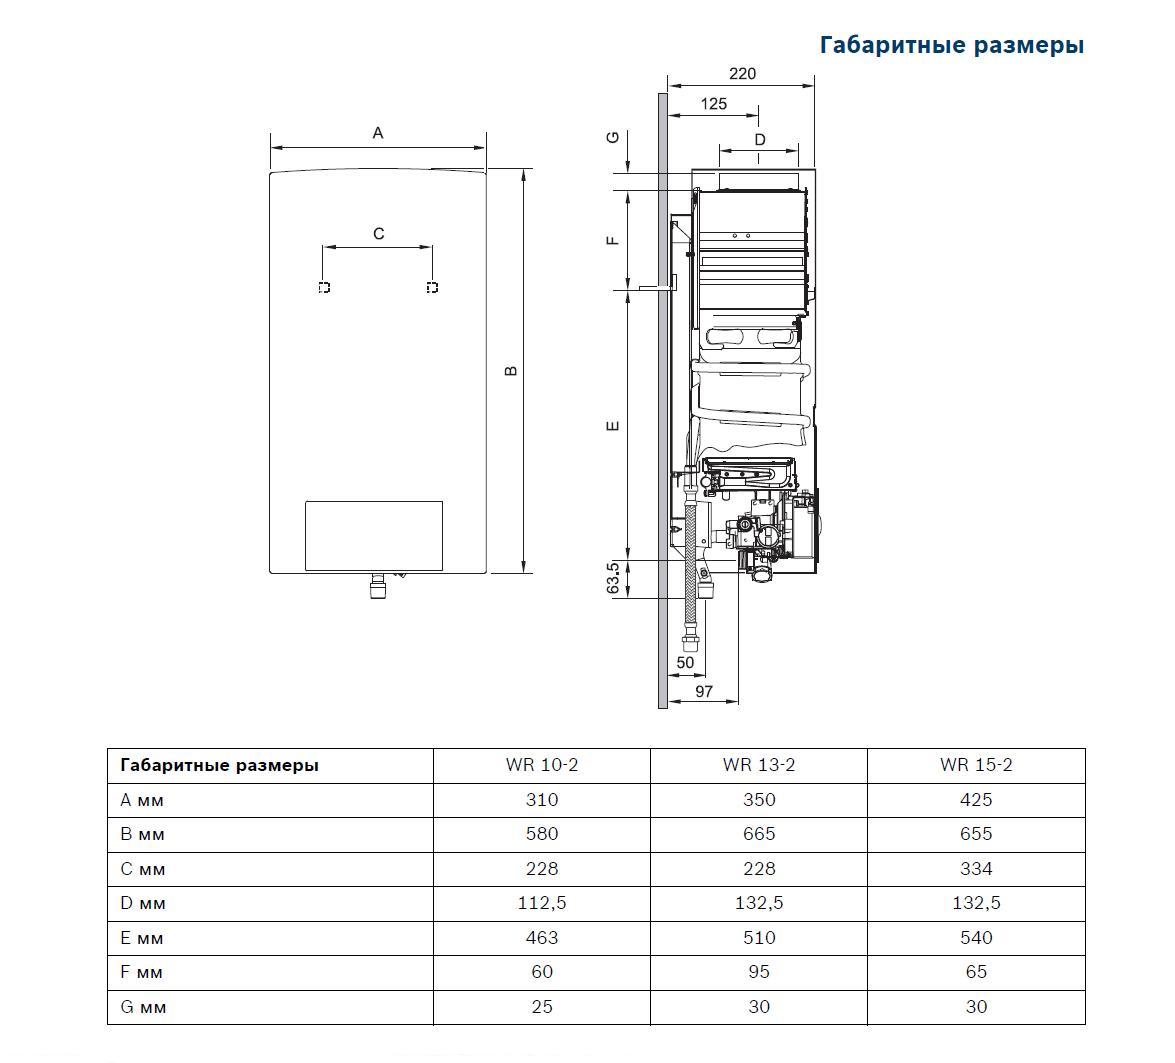 Газовая колонка-автомат: автоматическая и полуавтоматическая модель с поддержанием заданной температуры и регулировкой воды